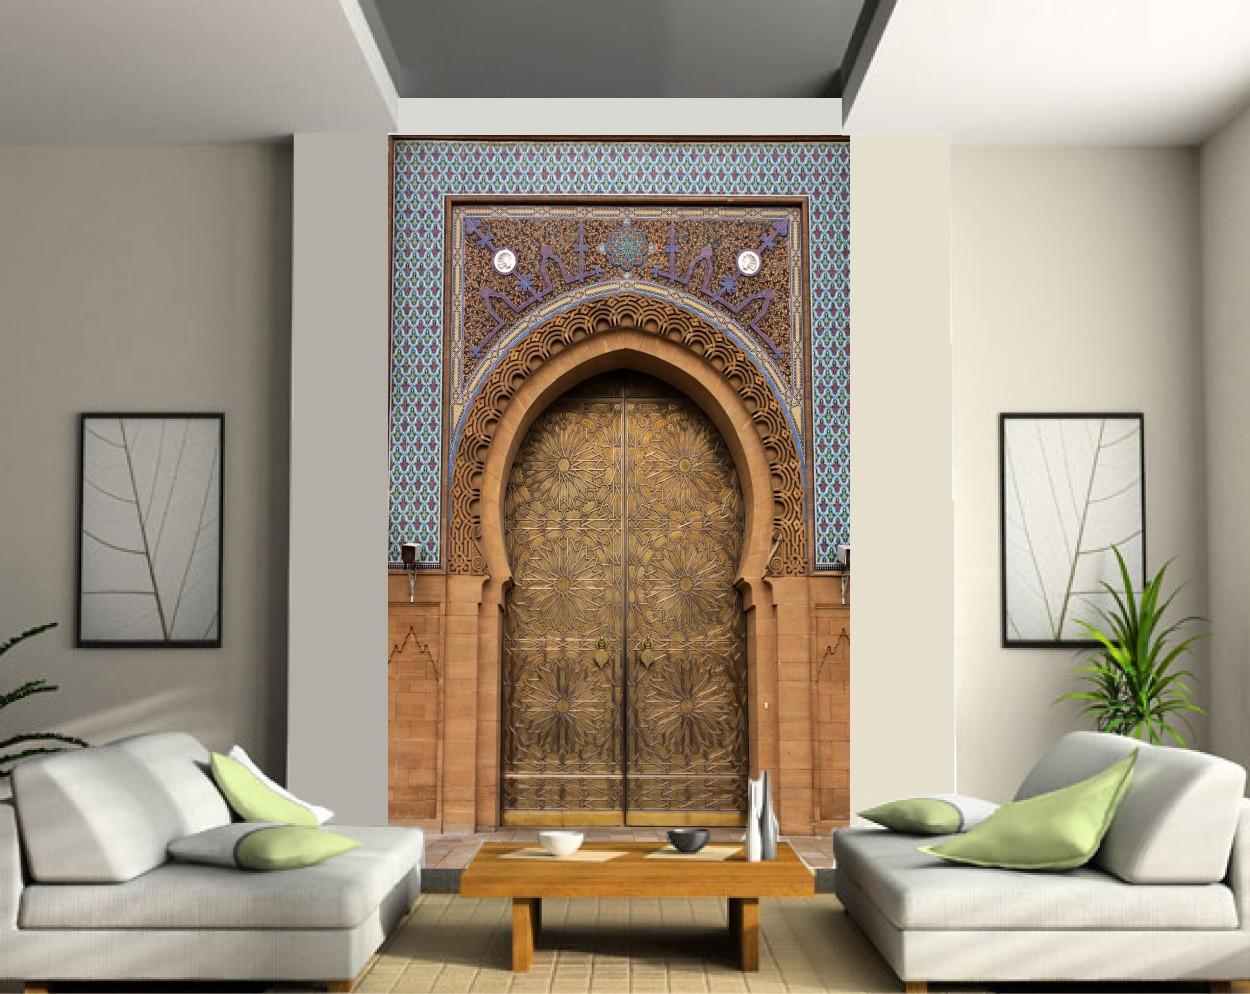 stickers muraux leroy merlin perfect dcoration mur salle manger avec grand pochoir dans un jeu. Black Bedroom Furniture Sets. Home Design Ideas